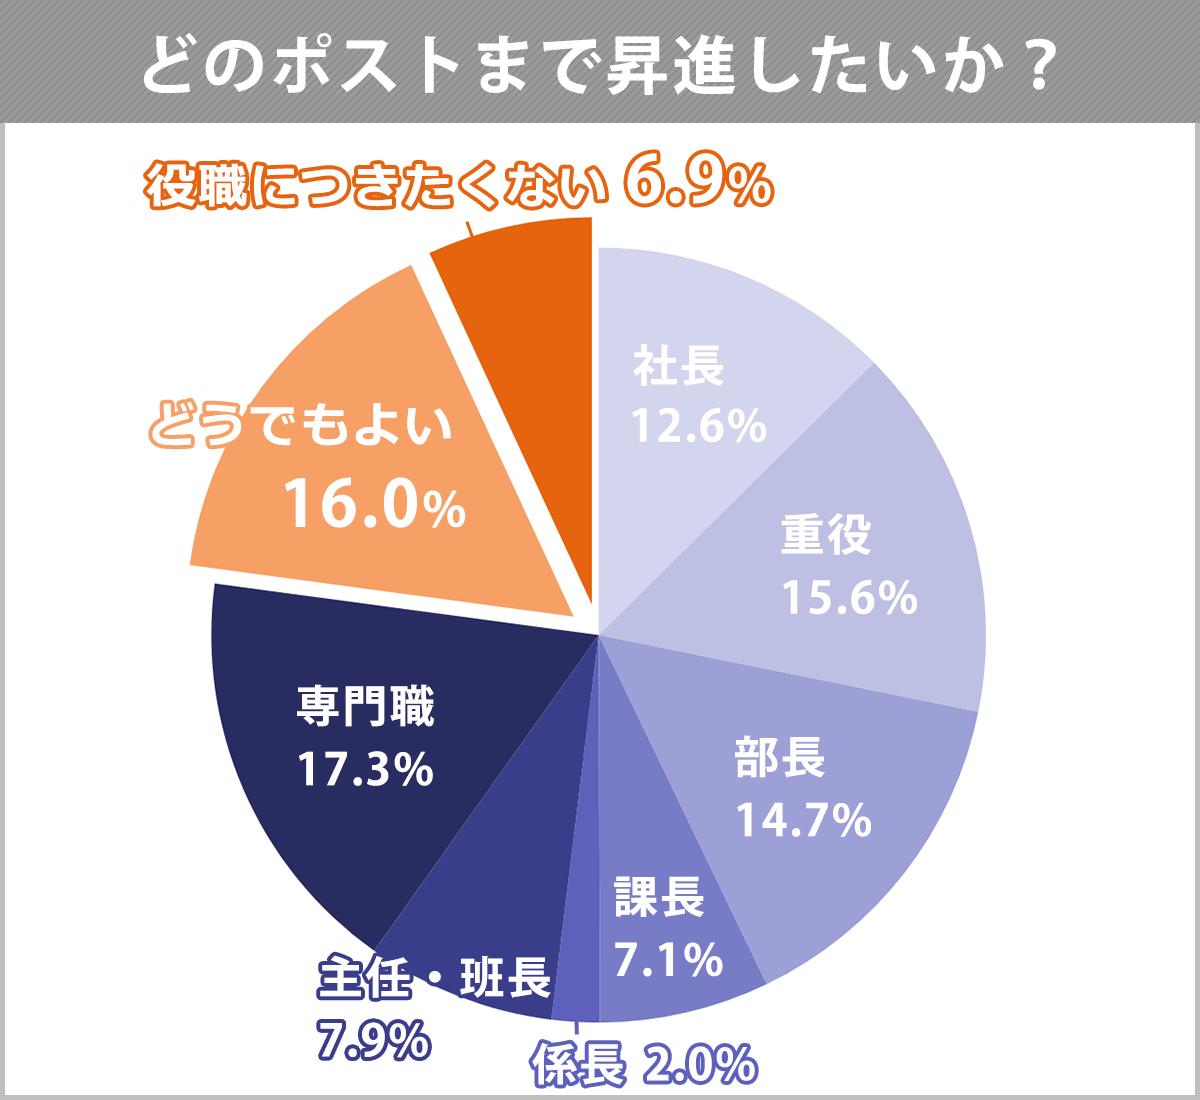 平成31年度新入社員「働くことの意識」調査、Q:どのポストまで出世したいか?への回答。以下、意識:割合。社長まで昇進したい:12.6%。重役:15.6%。部長:14.7%。課長:7.1%。係長:2.0%。主任・班長:7.9%。専門職(スペシャリスト):17.3%。どうでもよい:16.0%。役職には就きたくない:6.9%。